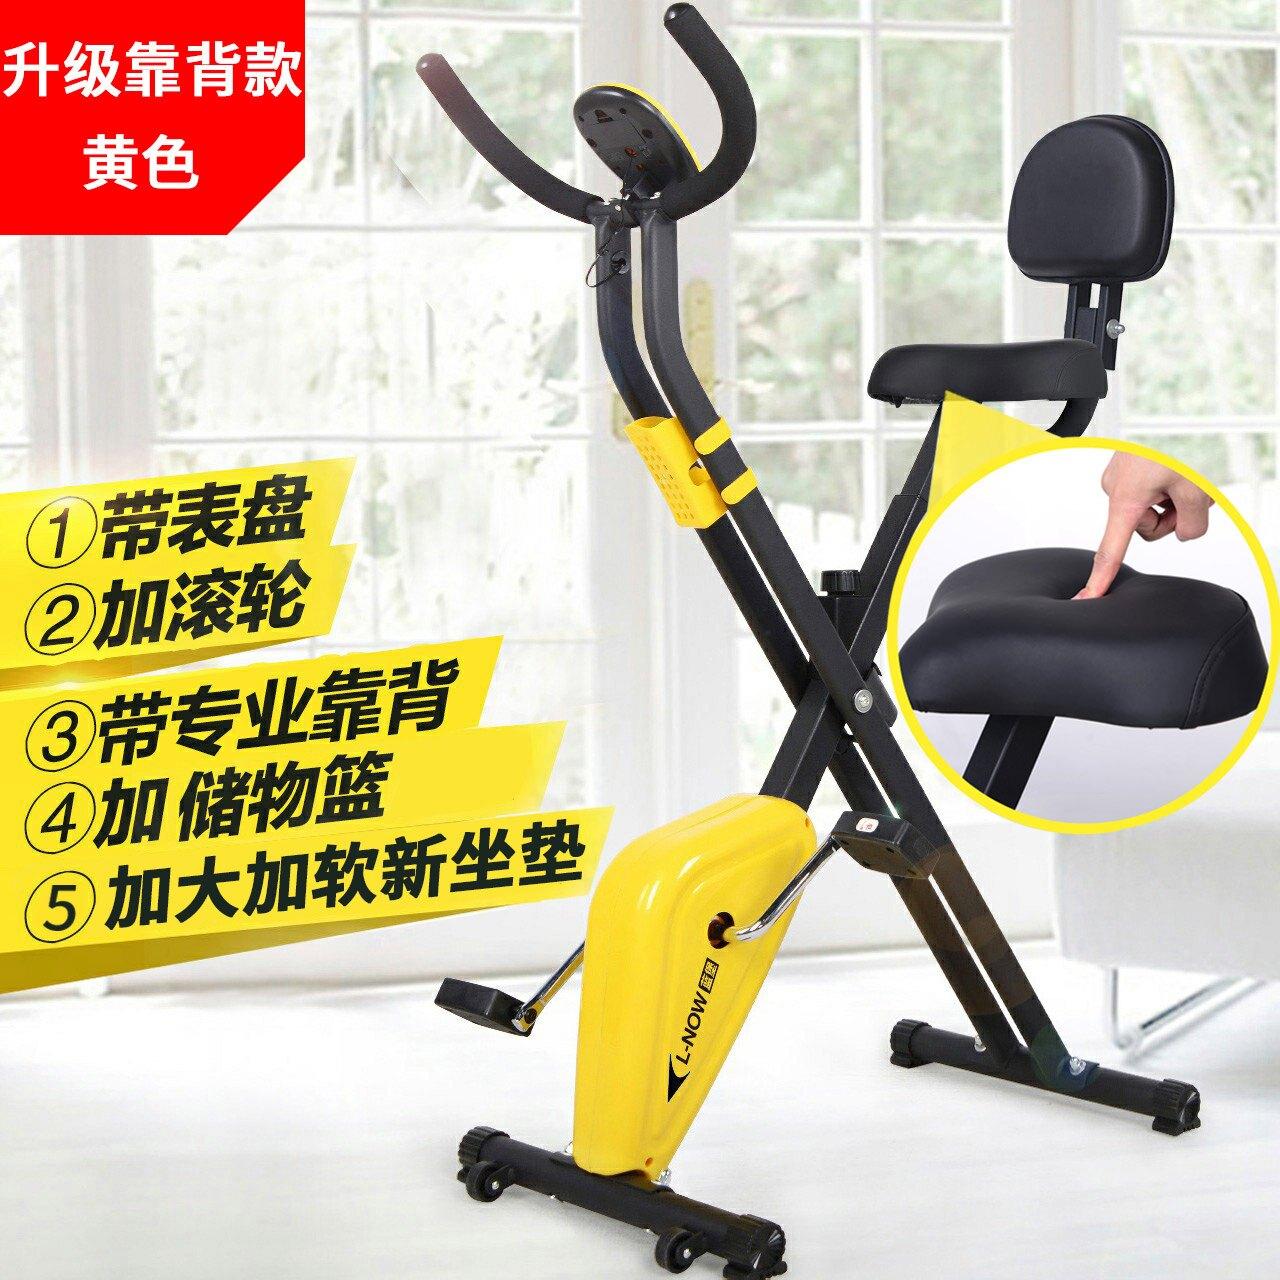 動感單車 家用靜音健身室內腳踏自行車 男女運動健身健身器材 【快速出貨】